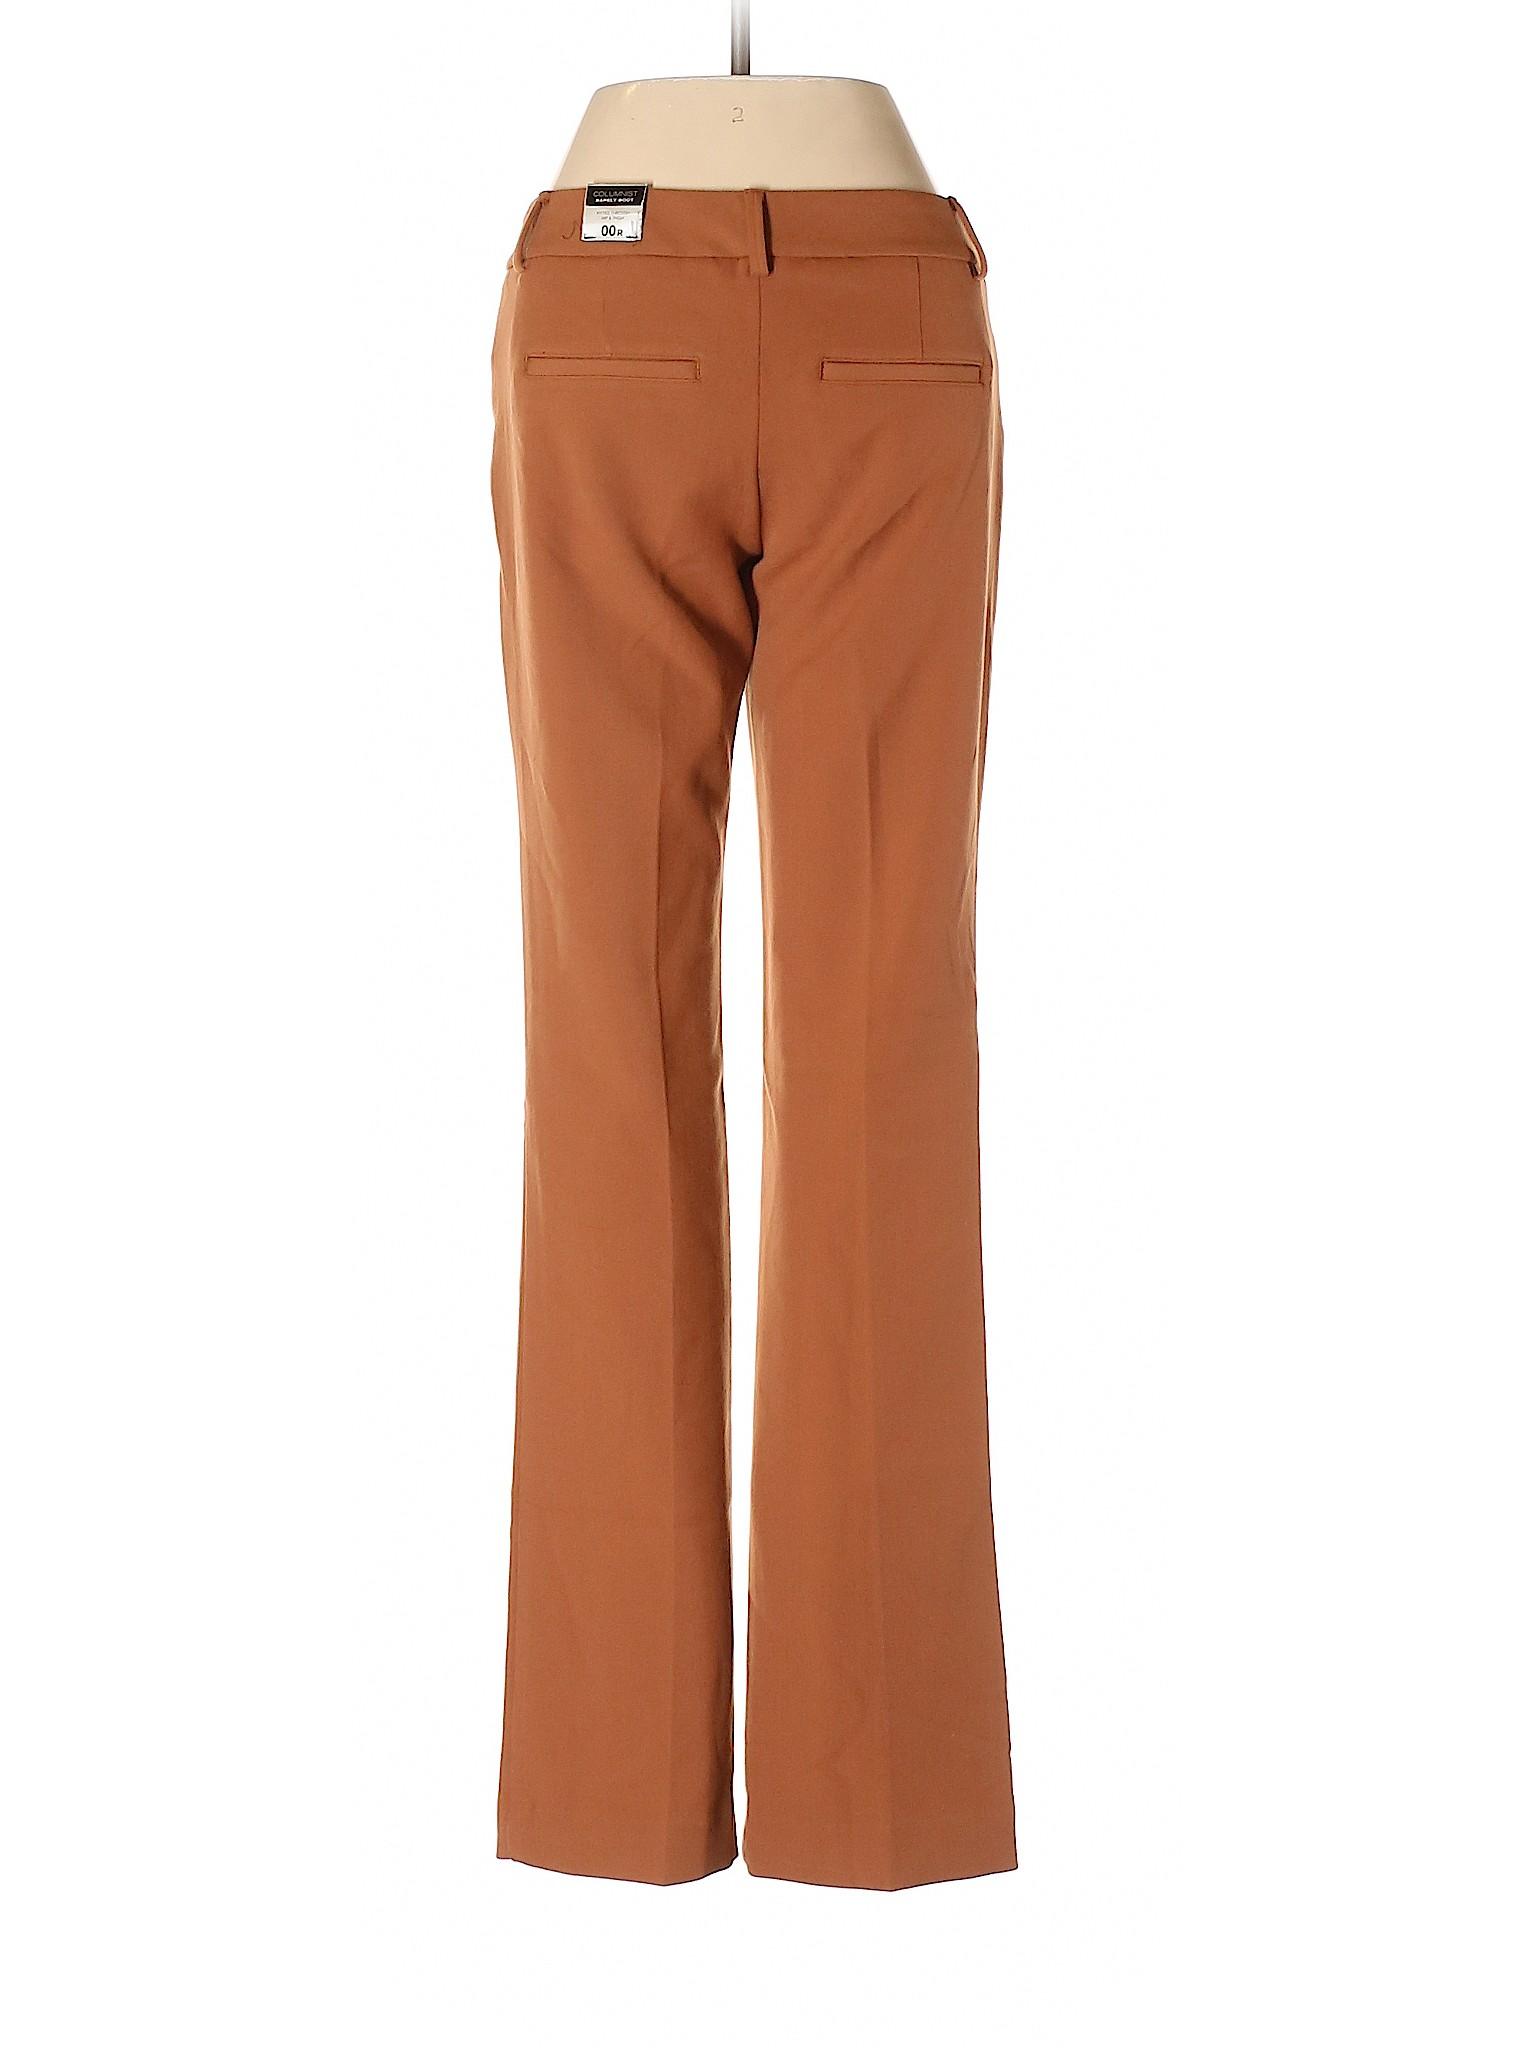 Boutique leisure leisure Dress Pants Express Boutique C1rzwFqC